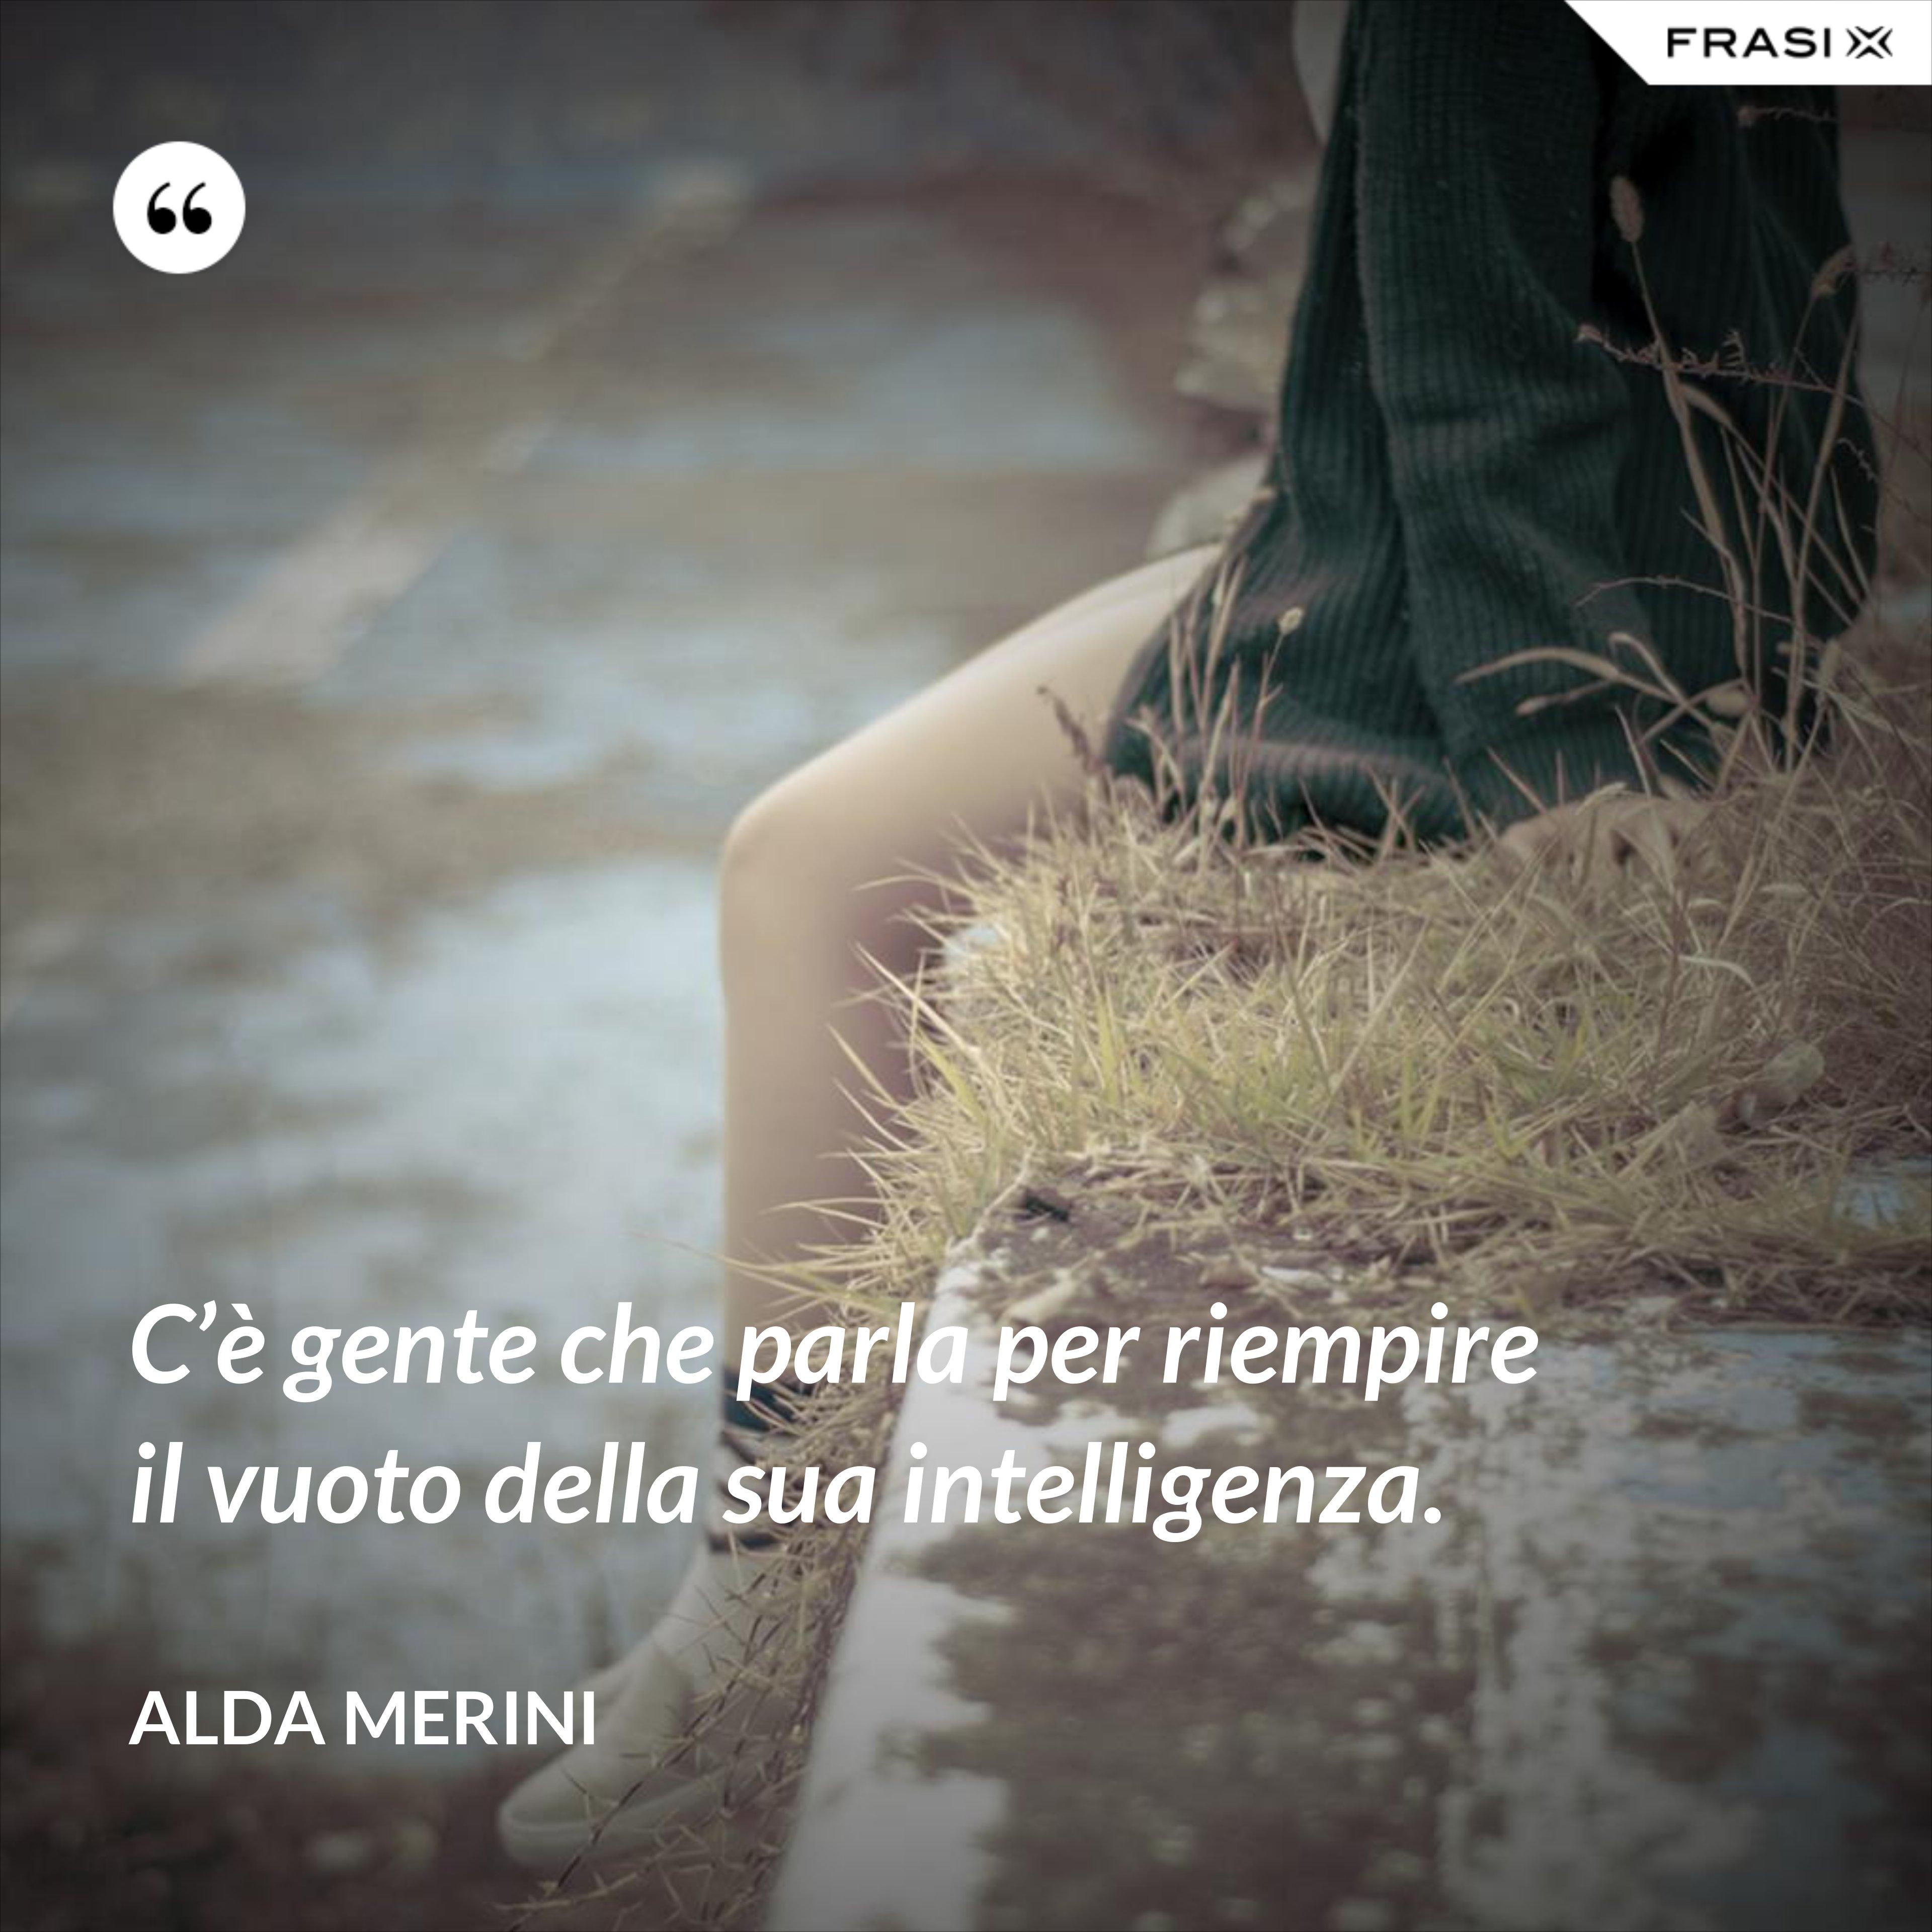 C'è gente che parla per riempire il vuoto della sua intelligenza. - Alda Merini